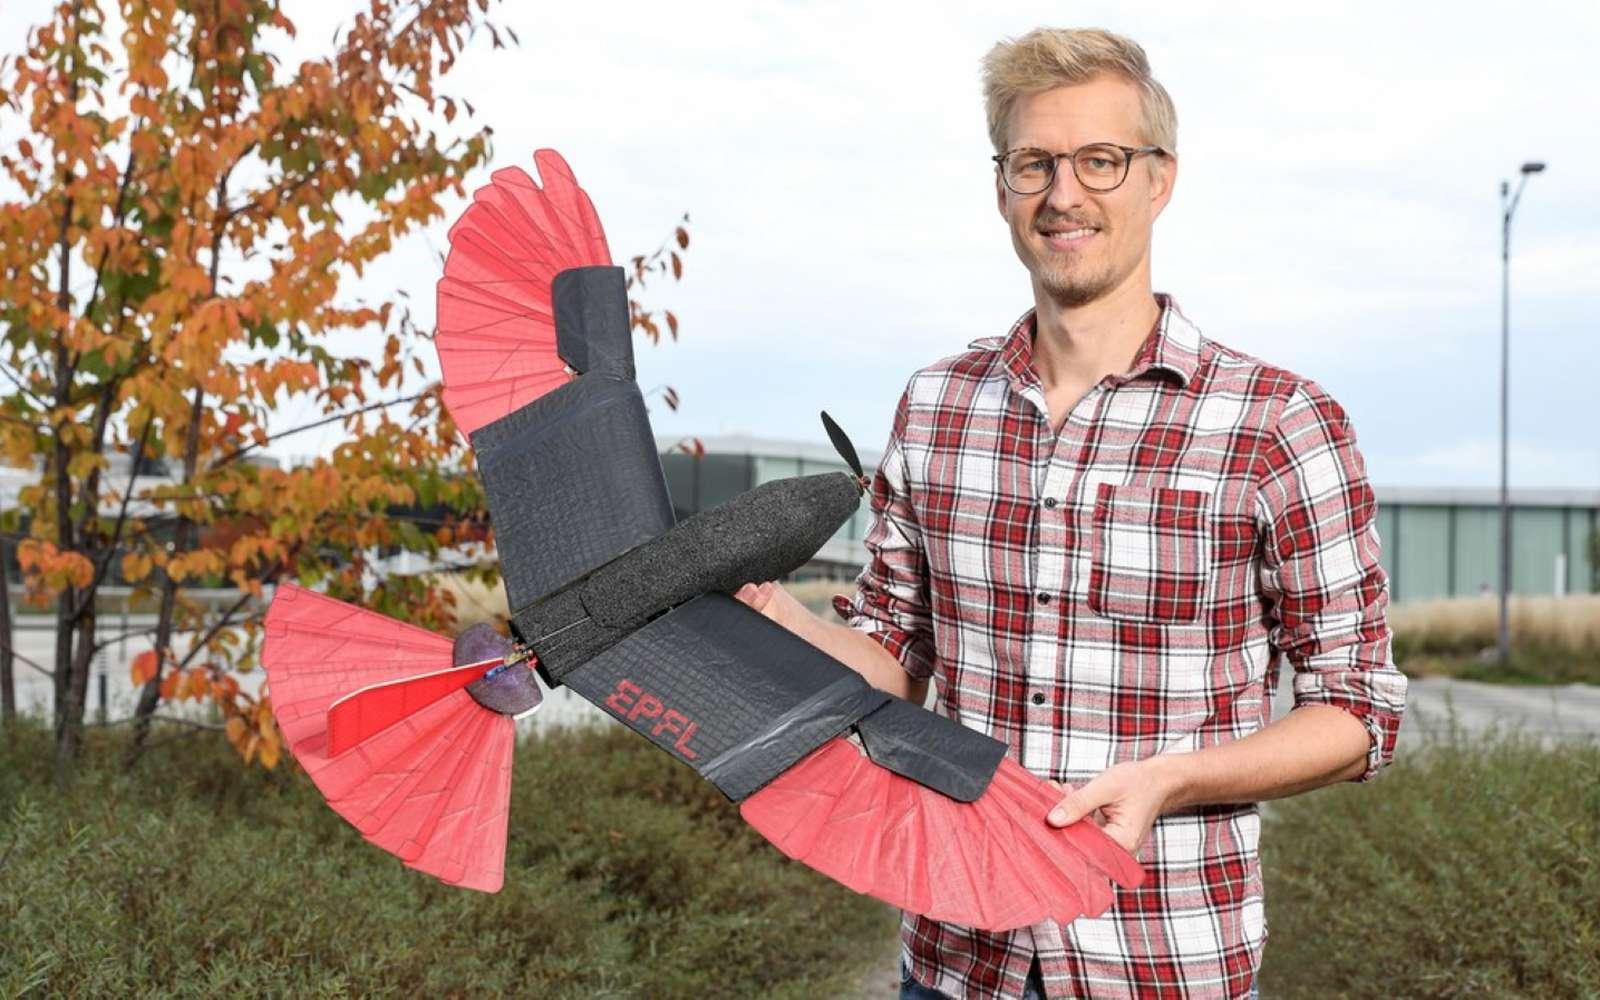 L'autour des palombes est un rapace à la fois habile en voltige et en vol plané. Les chercheurs de l'EPFL en Suisse ont étudié ses caractéristiques pour créer un drone. © EPFL